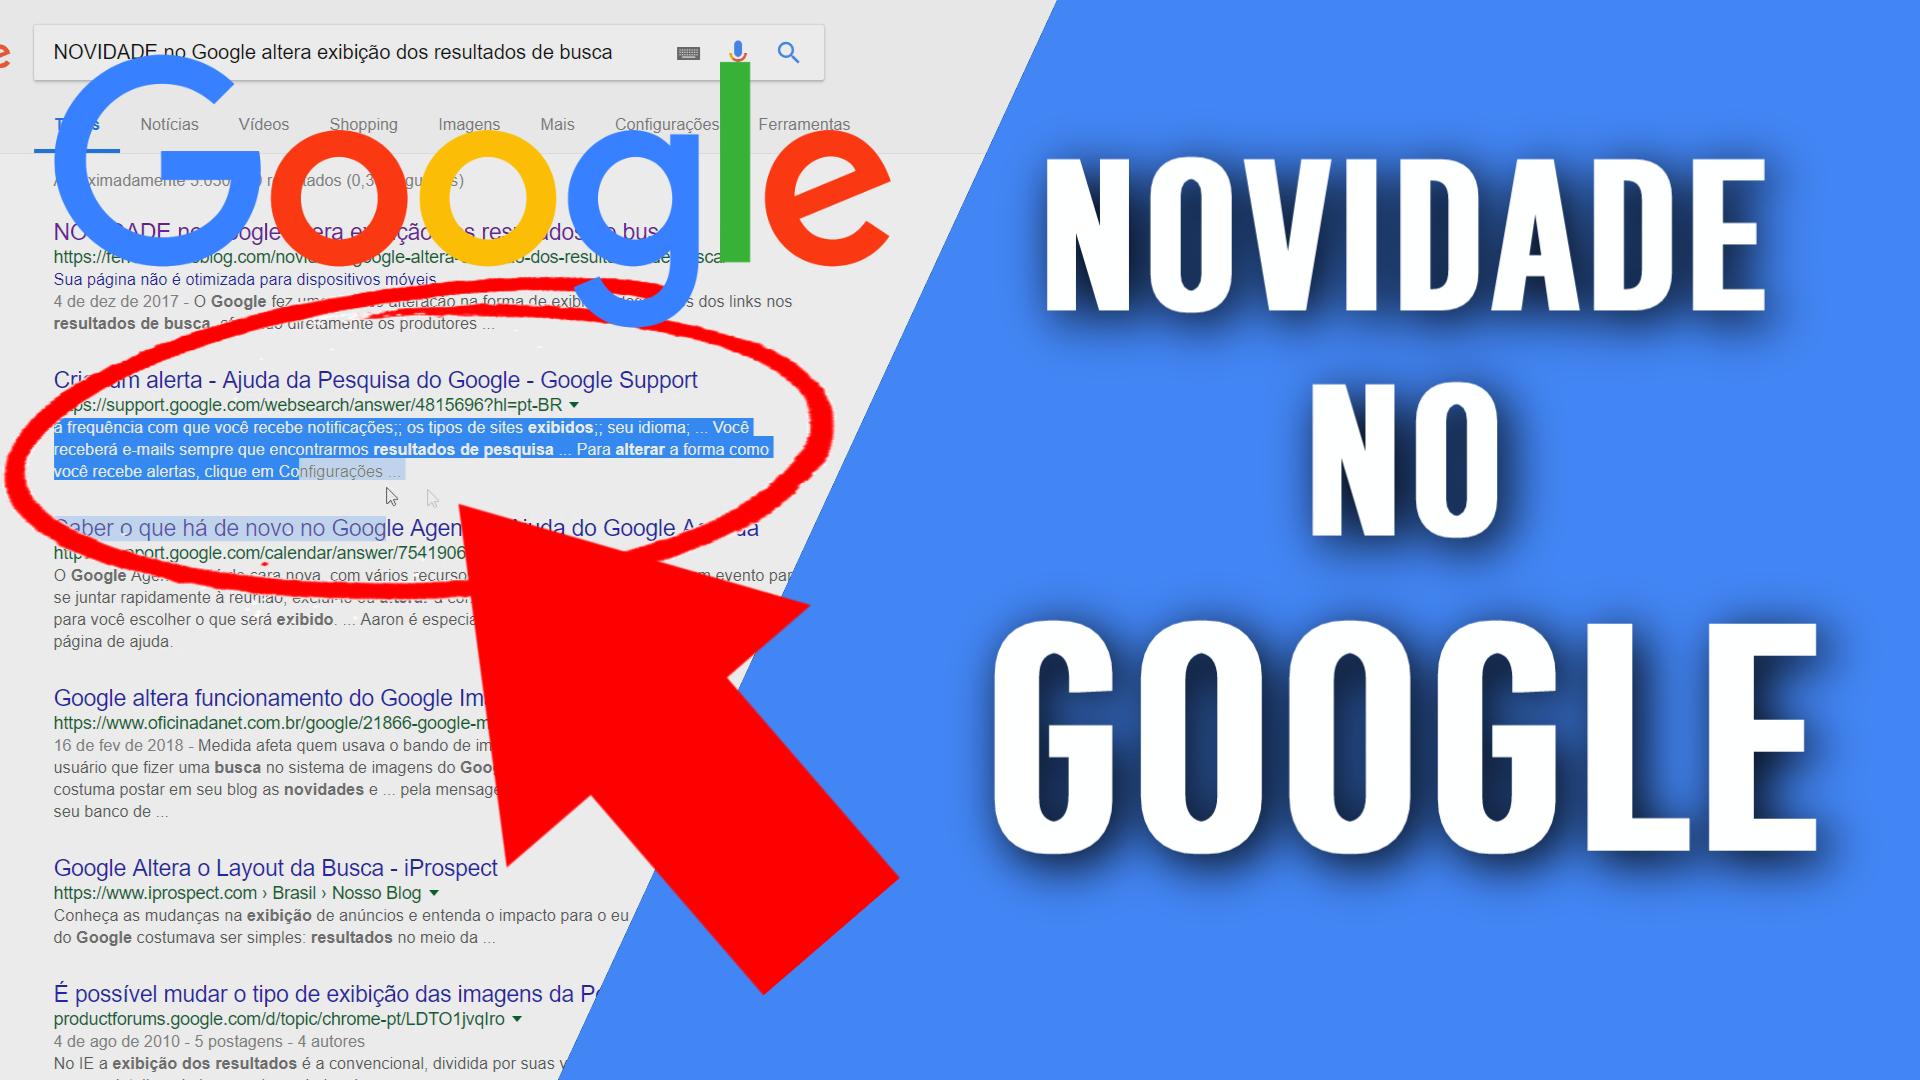 NOVIDADE no Google altera exibição dos resultados de busca 843643d828a